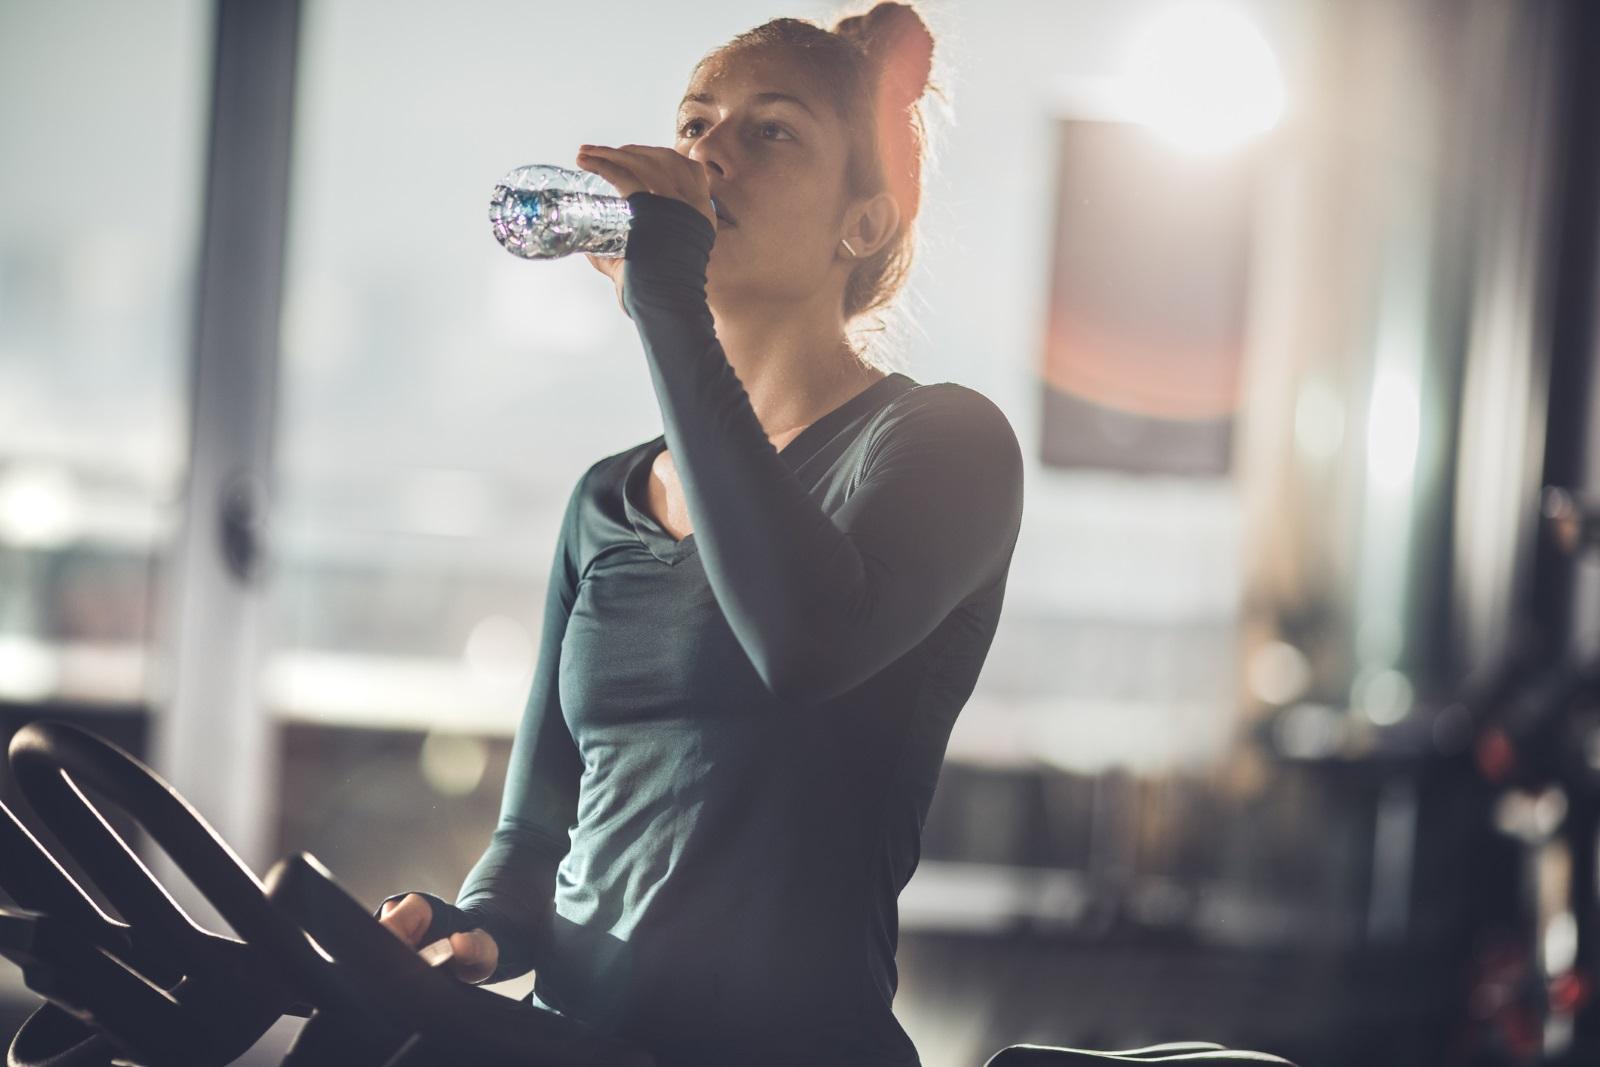 """По време на интензивна тренировка<br /> Тогава тялото ни загрява, а пиенето на много вода ни охлажда, което води до """"електролитно изчерпване"""", а неговите симптоми са главоболие, отпадналост и замаяност."""